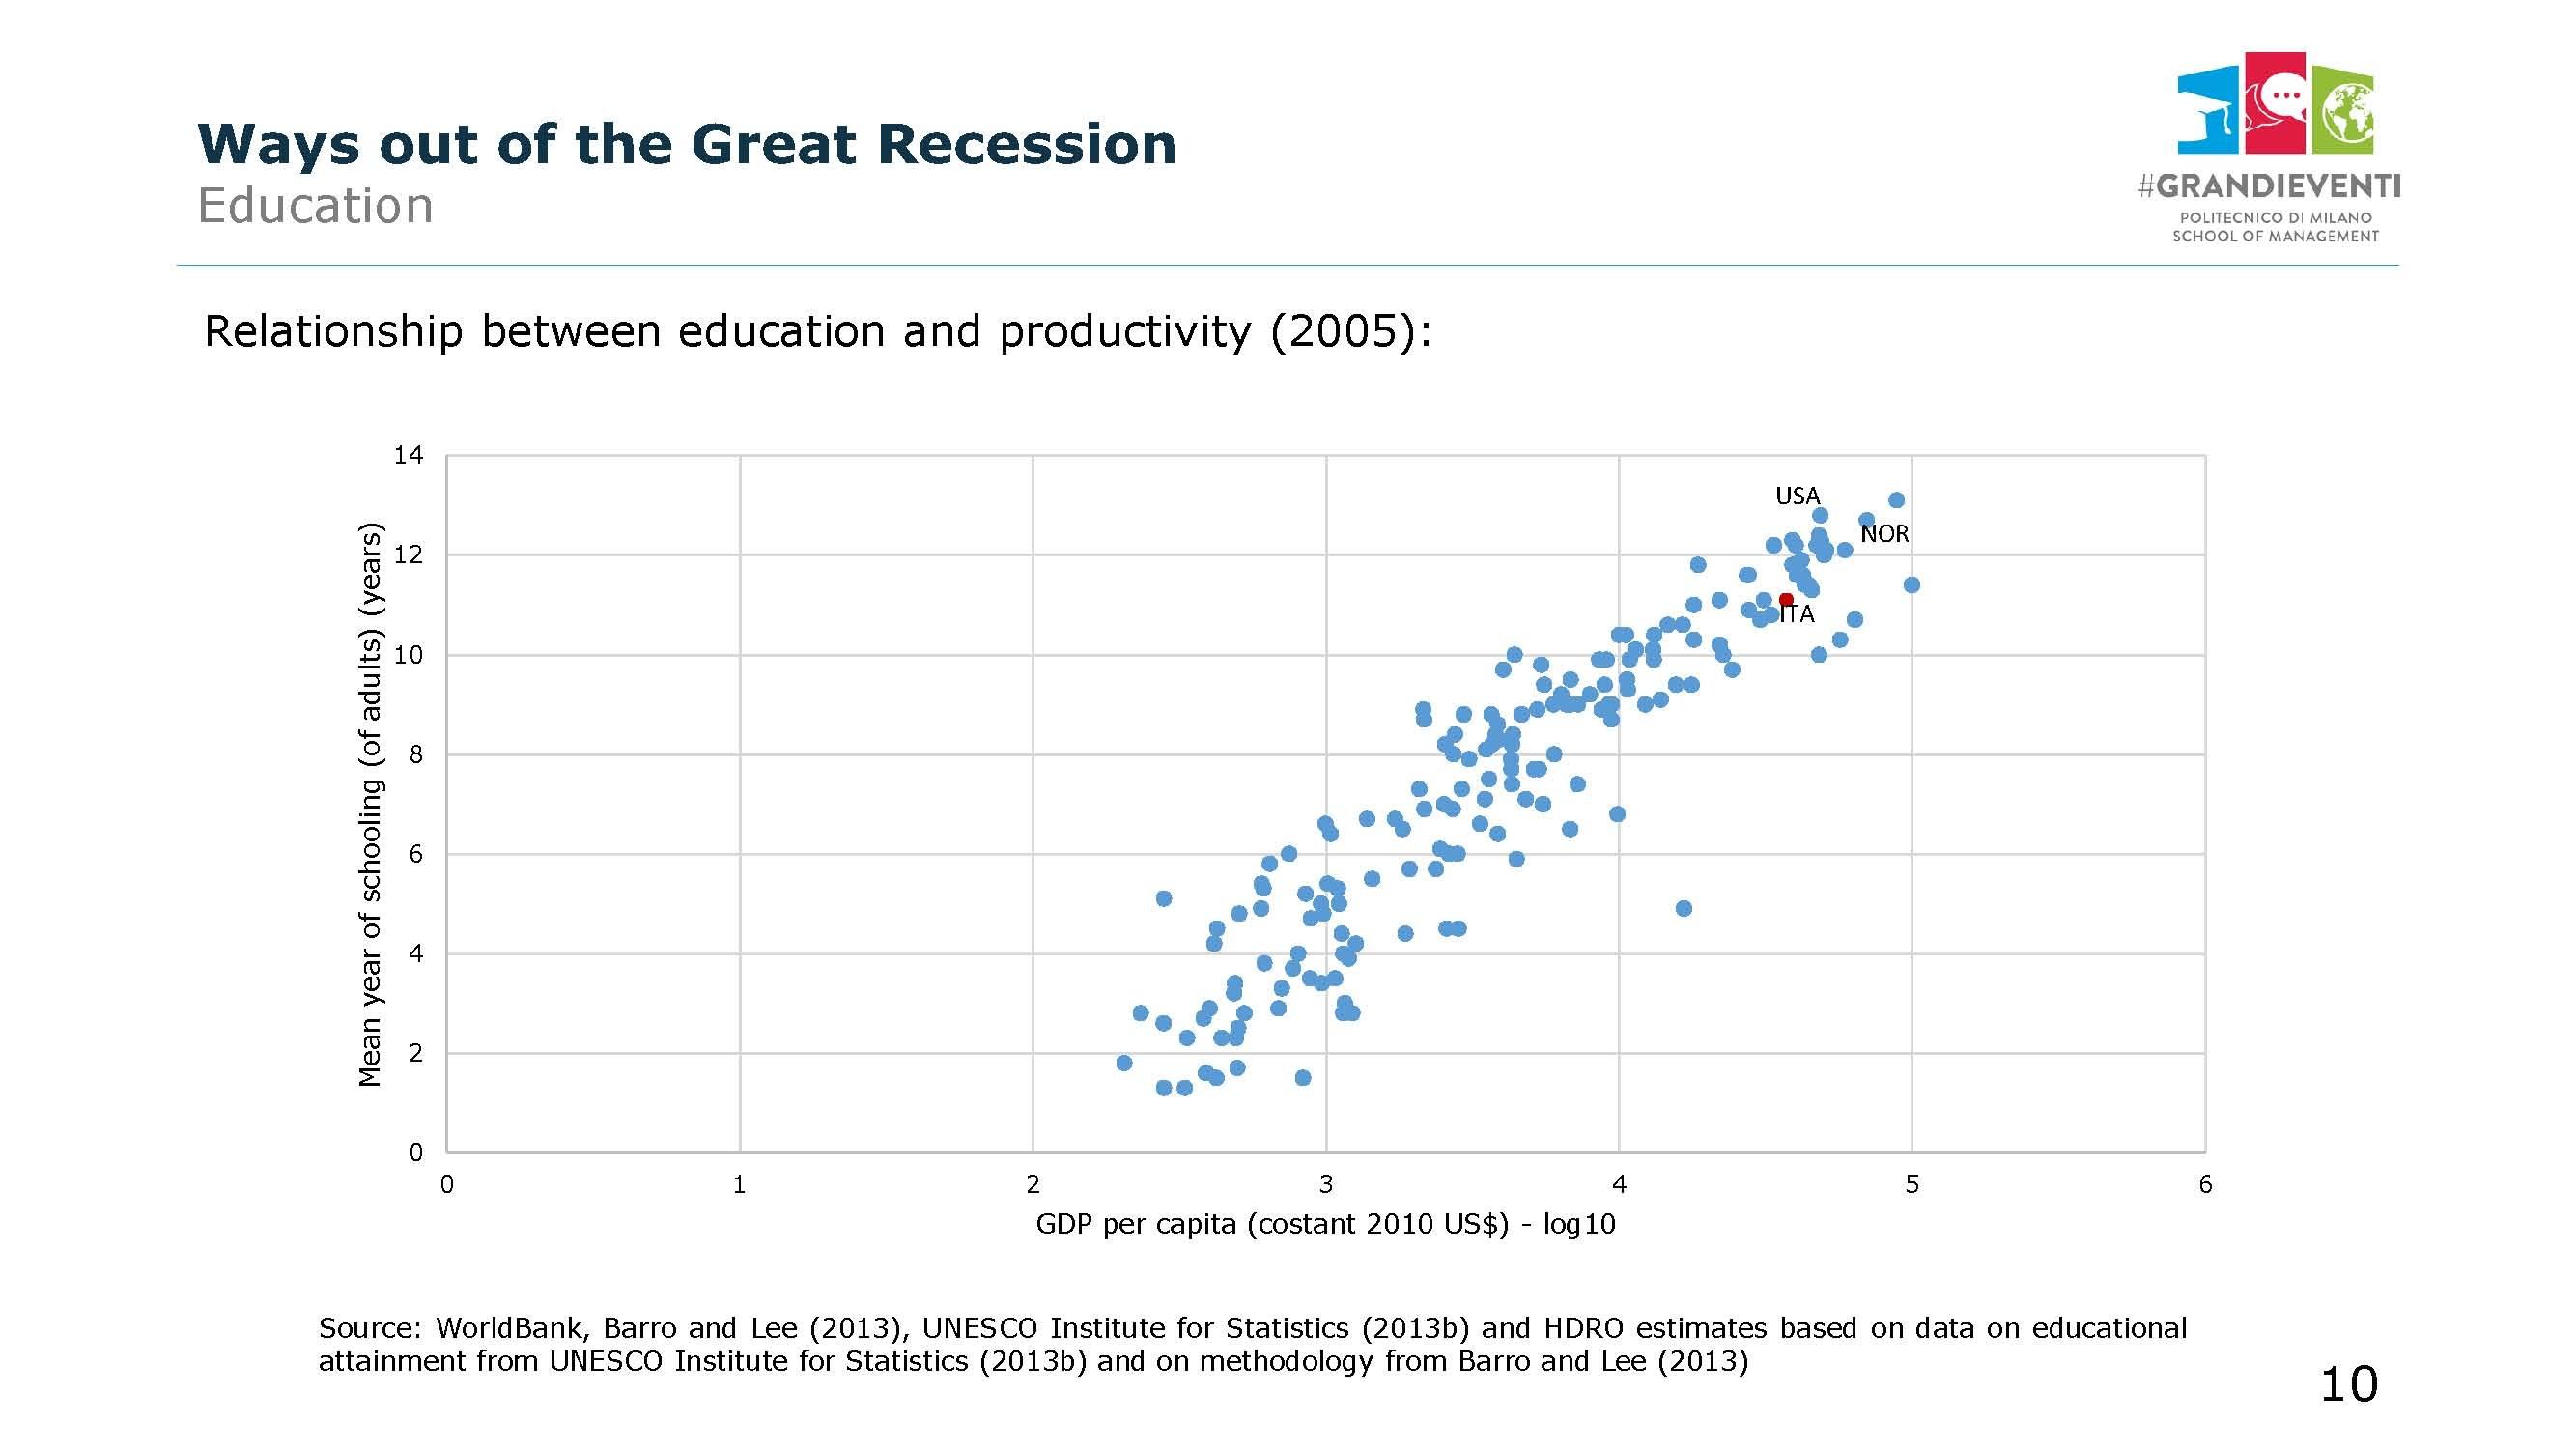 La correlazione tra PIL per abitante e numero di anni di scolarizzazione